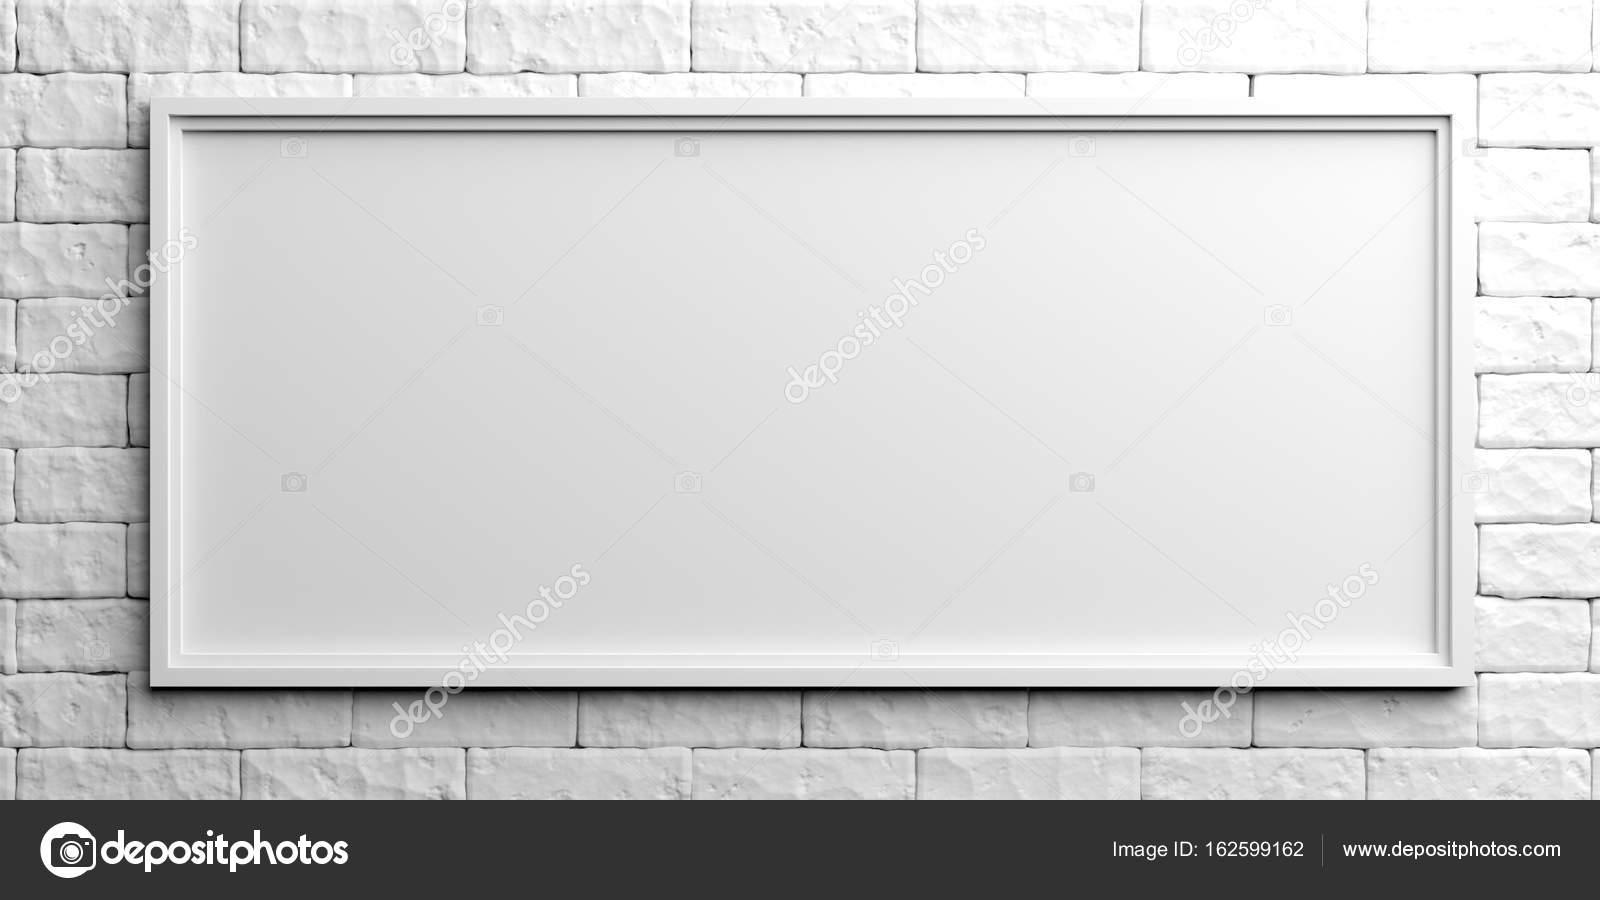 Marco blanco sobre fondo de ladrillo blanco. Ilustración 3D — Fotos ...